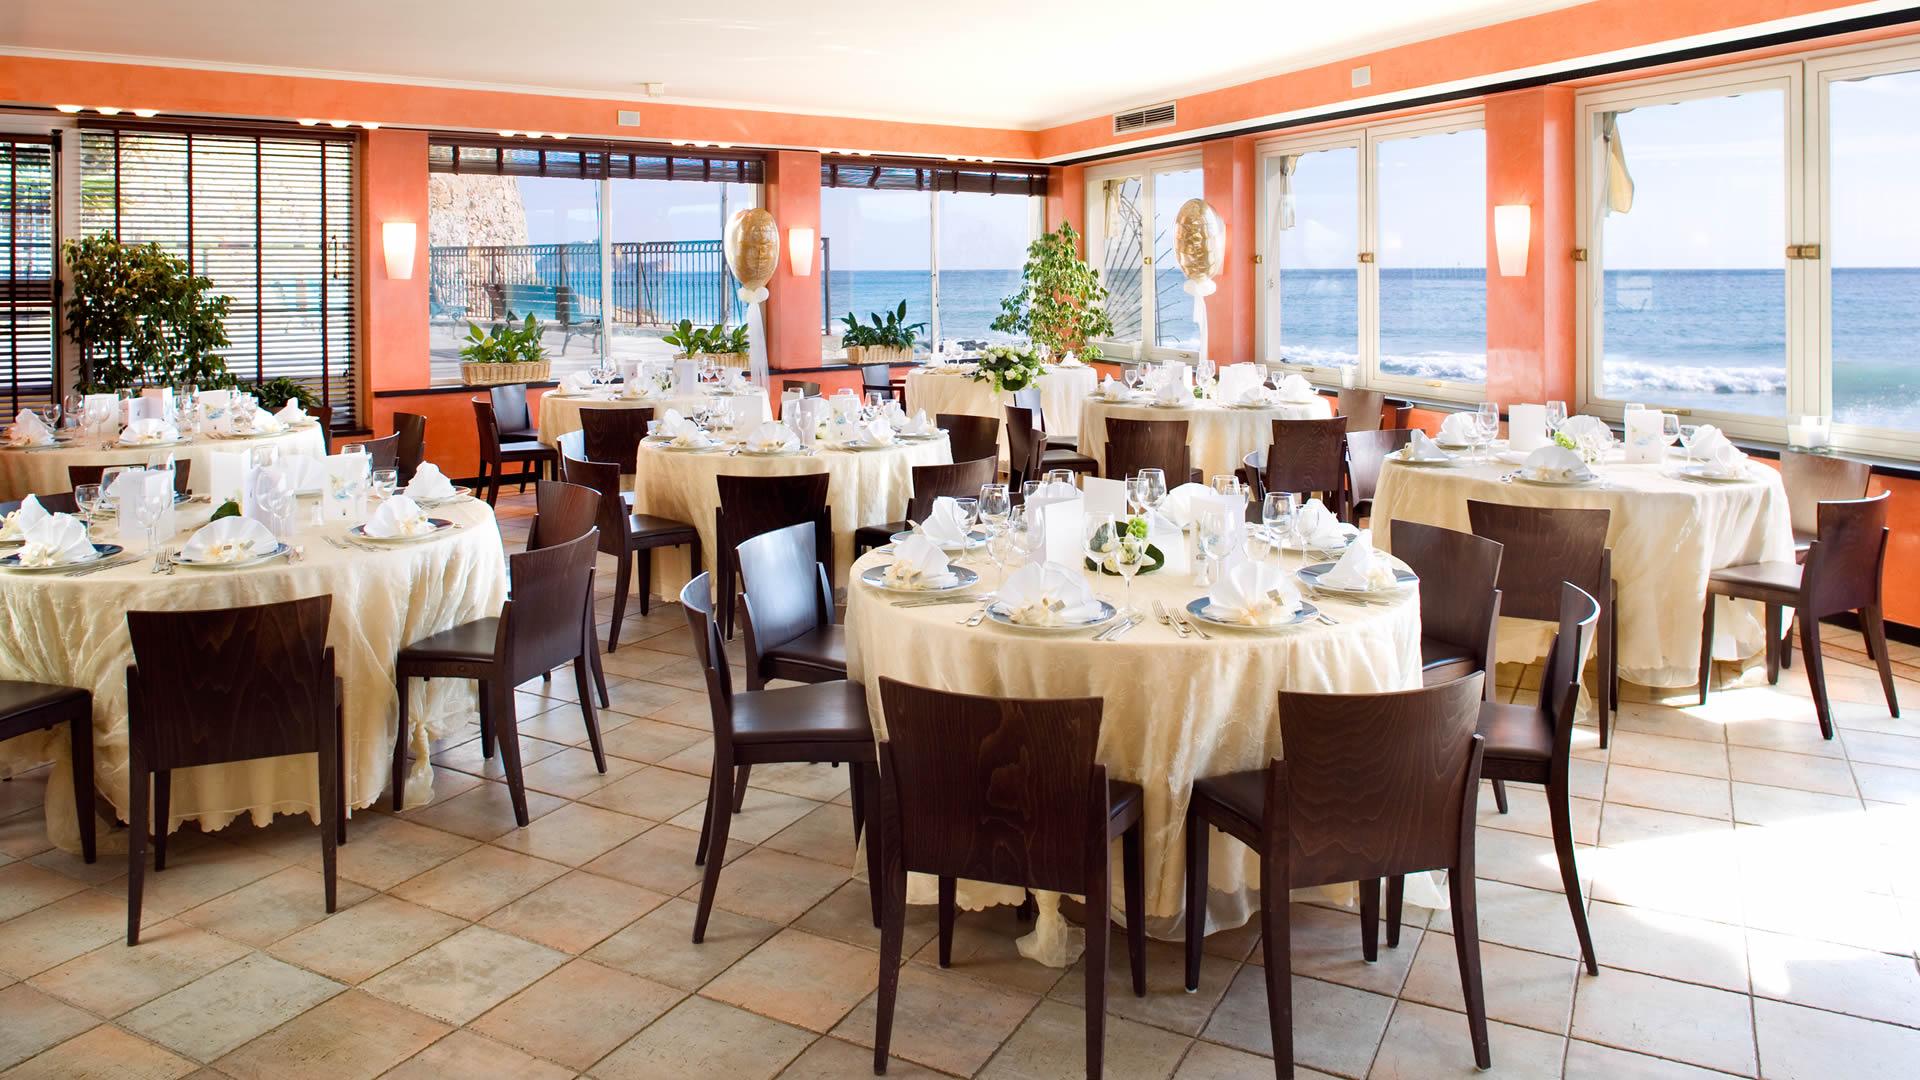 Matrimonio Spiaggia Alassio : Hotel cerimonie alassio ristorante sul mare charme